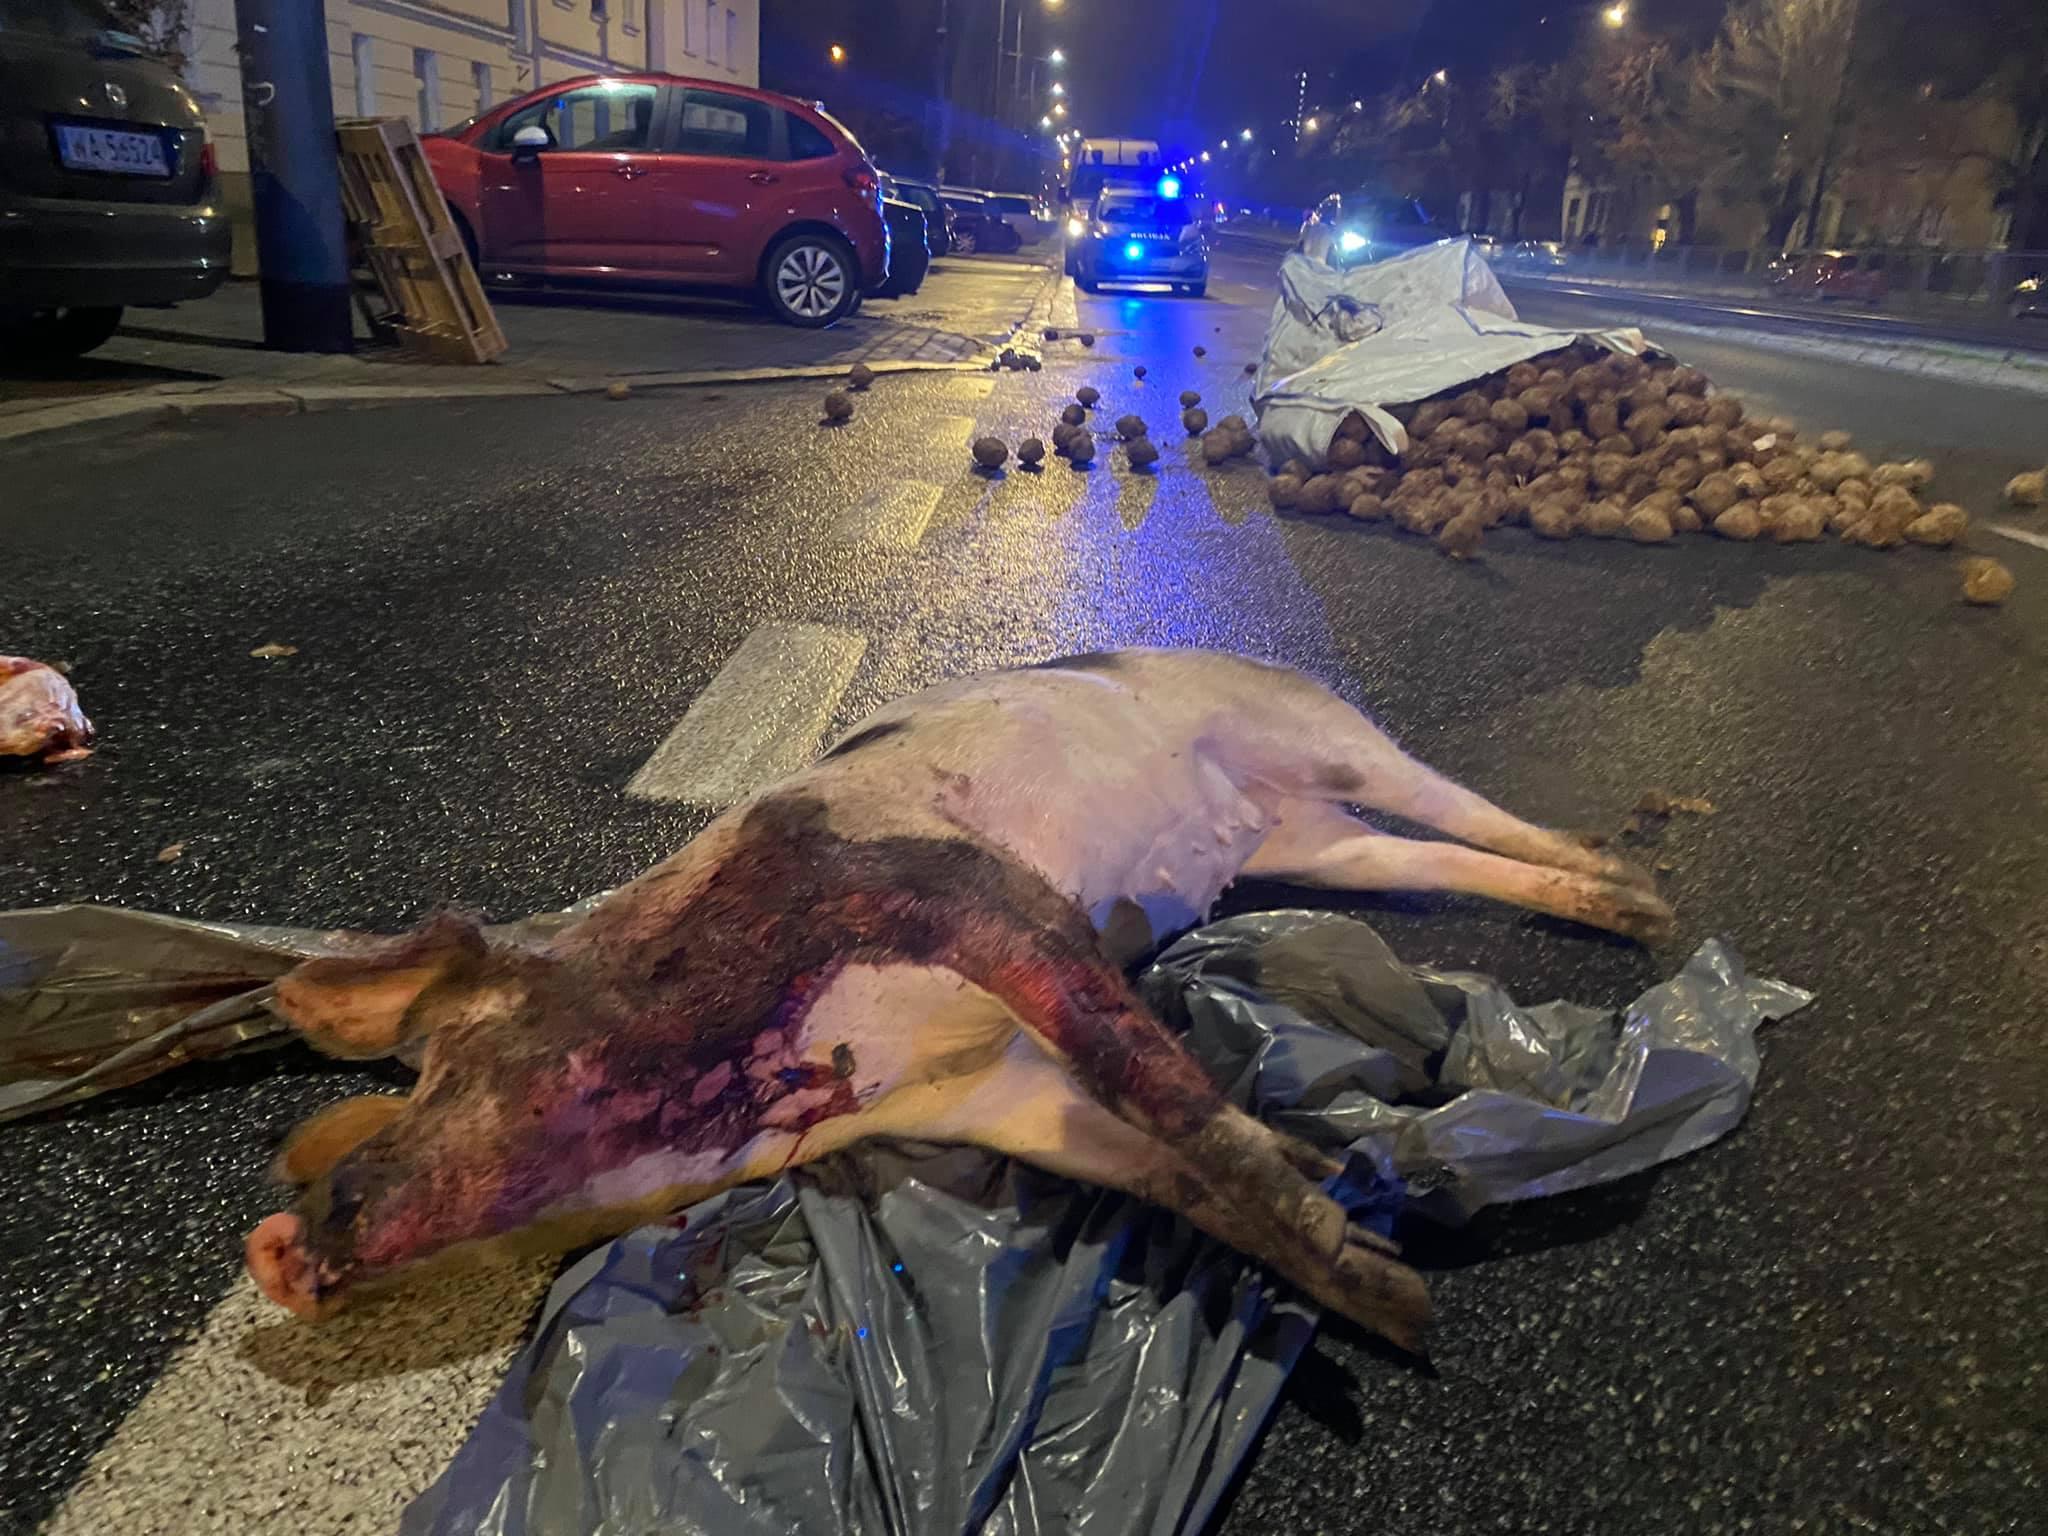 Jaja, ziemniaki imartwa świnia poddomem Kaczyńskiego. Protesty wrocznicę stanu wojennego